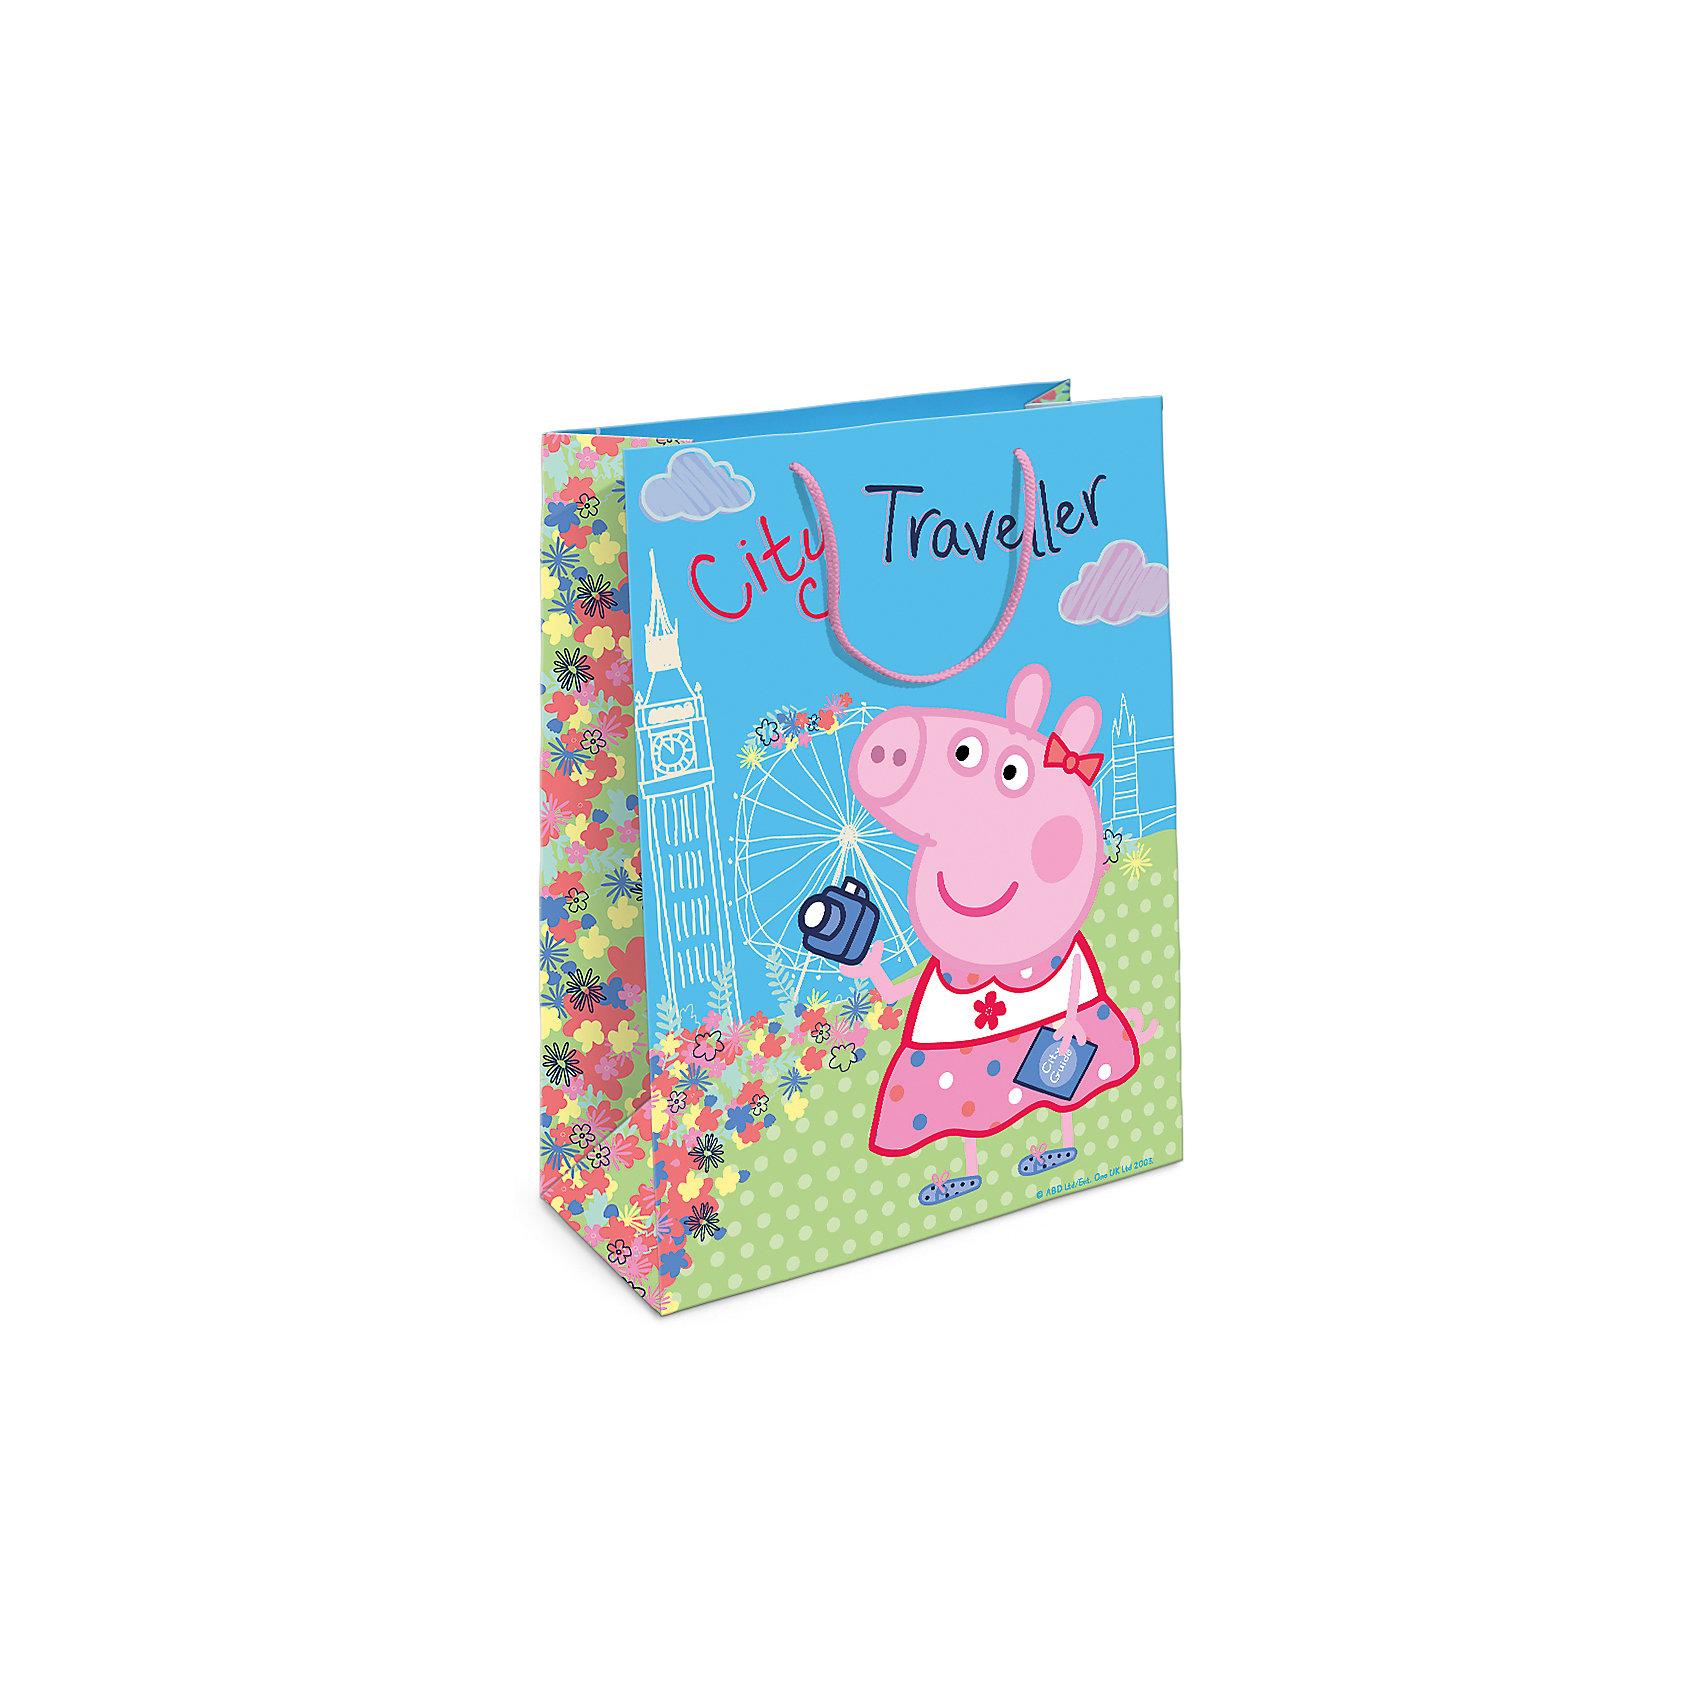 Пакет подарочный  Пеппа на каникулах, 35*25*9Всё для праздника<br>Подарочный бумажный пакет «Пеппа на каникулах» с веселыми и забавными героями мультфильма «Свинка Пеппа» очаровательно украсит подарок и обязательно порадует малыша. Размер: 35х25х9 см. В ассортименте вы также сможете найти такой же пакет размером 23х18х10 см.<br><br>Ширина мм: 350<br>Глубина мм: 250<br>Высота мм: 5<br>Вес г: 61<br>Возраст от месяцев: 144<br>Возраст до месяцев: 120<br>Пол: Унисекс<br>Возраст: Детский<br>SKU: 5016448